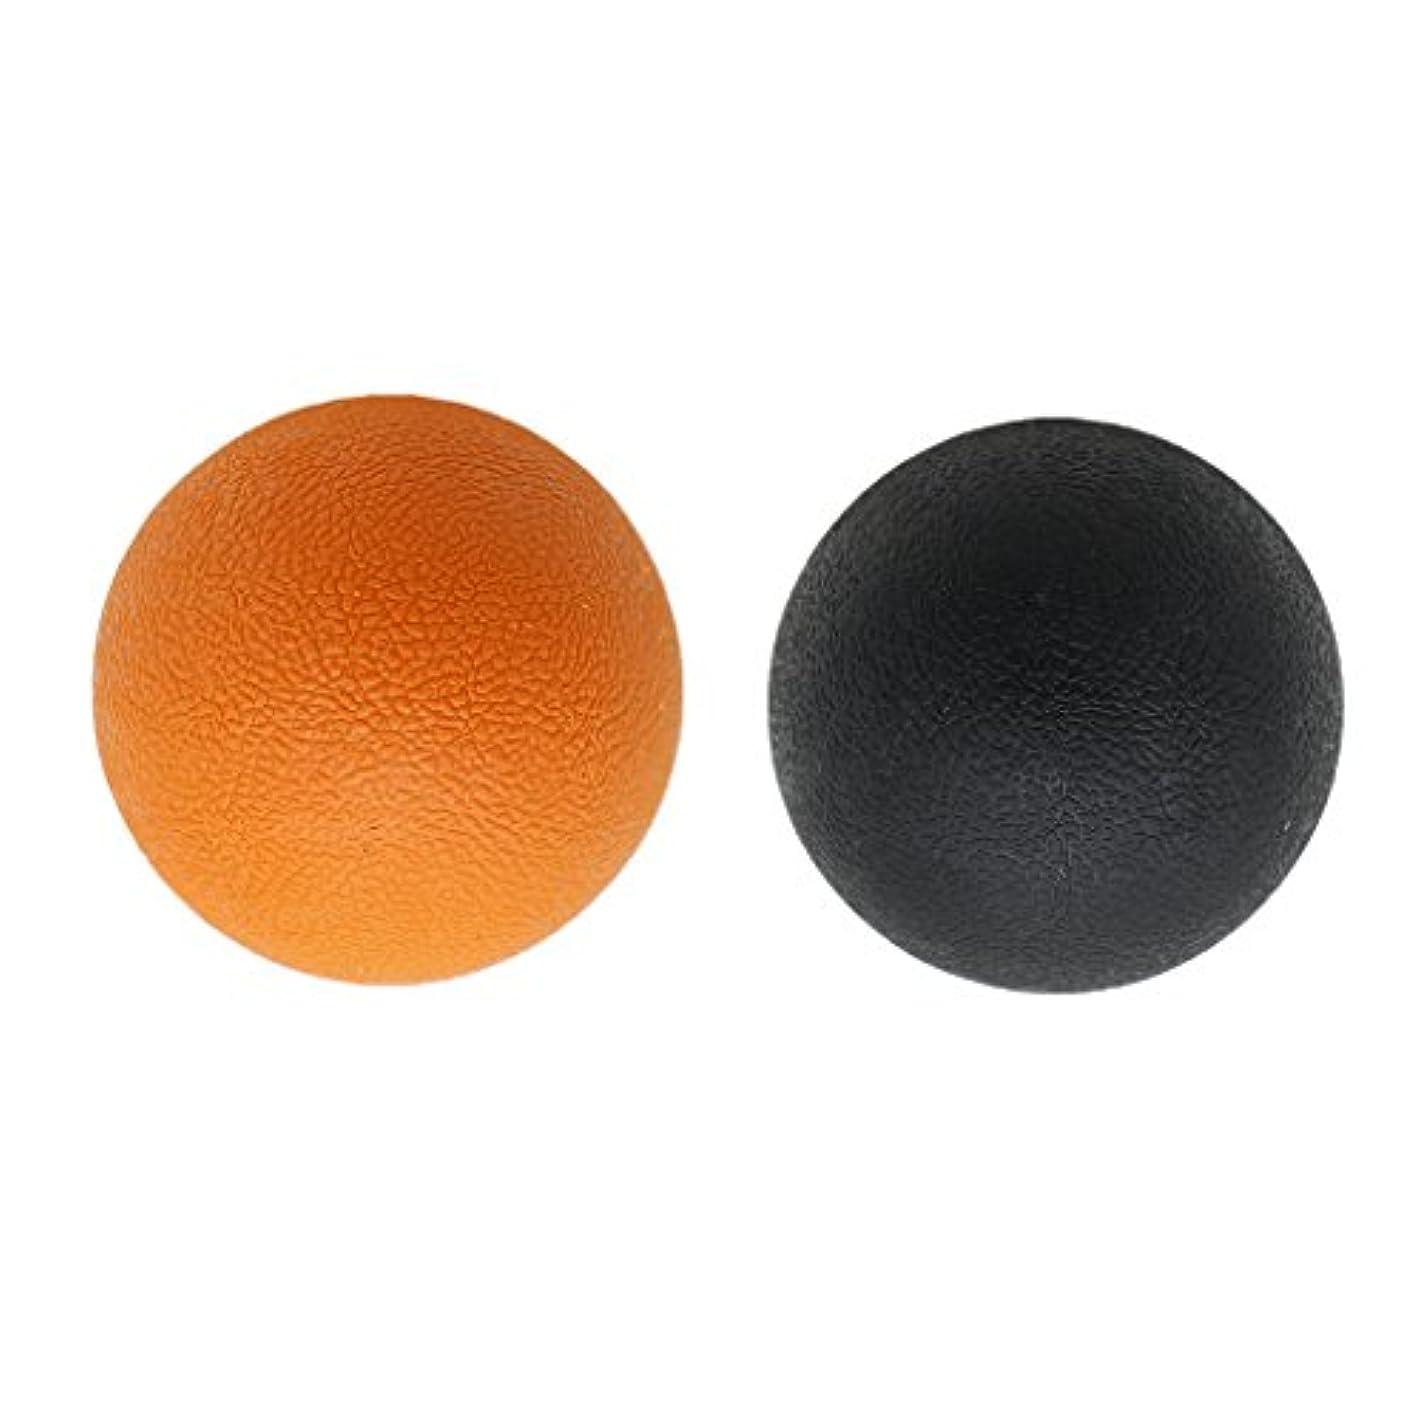 テスピアン結論許す2個 マッサージボール ストレッチボール トリガーポイント トレーニング マッサージ リラックス 家庭 ジム 旅行 学校 オフィス 便利 多色選べる - オレンジブラック